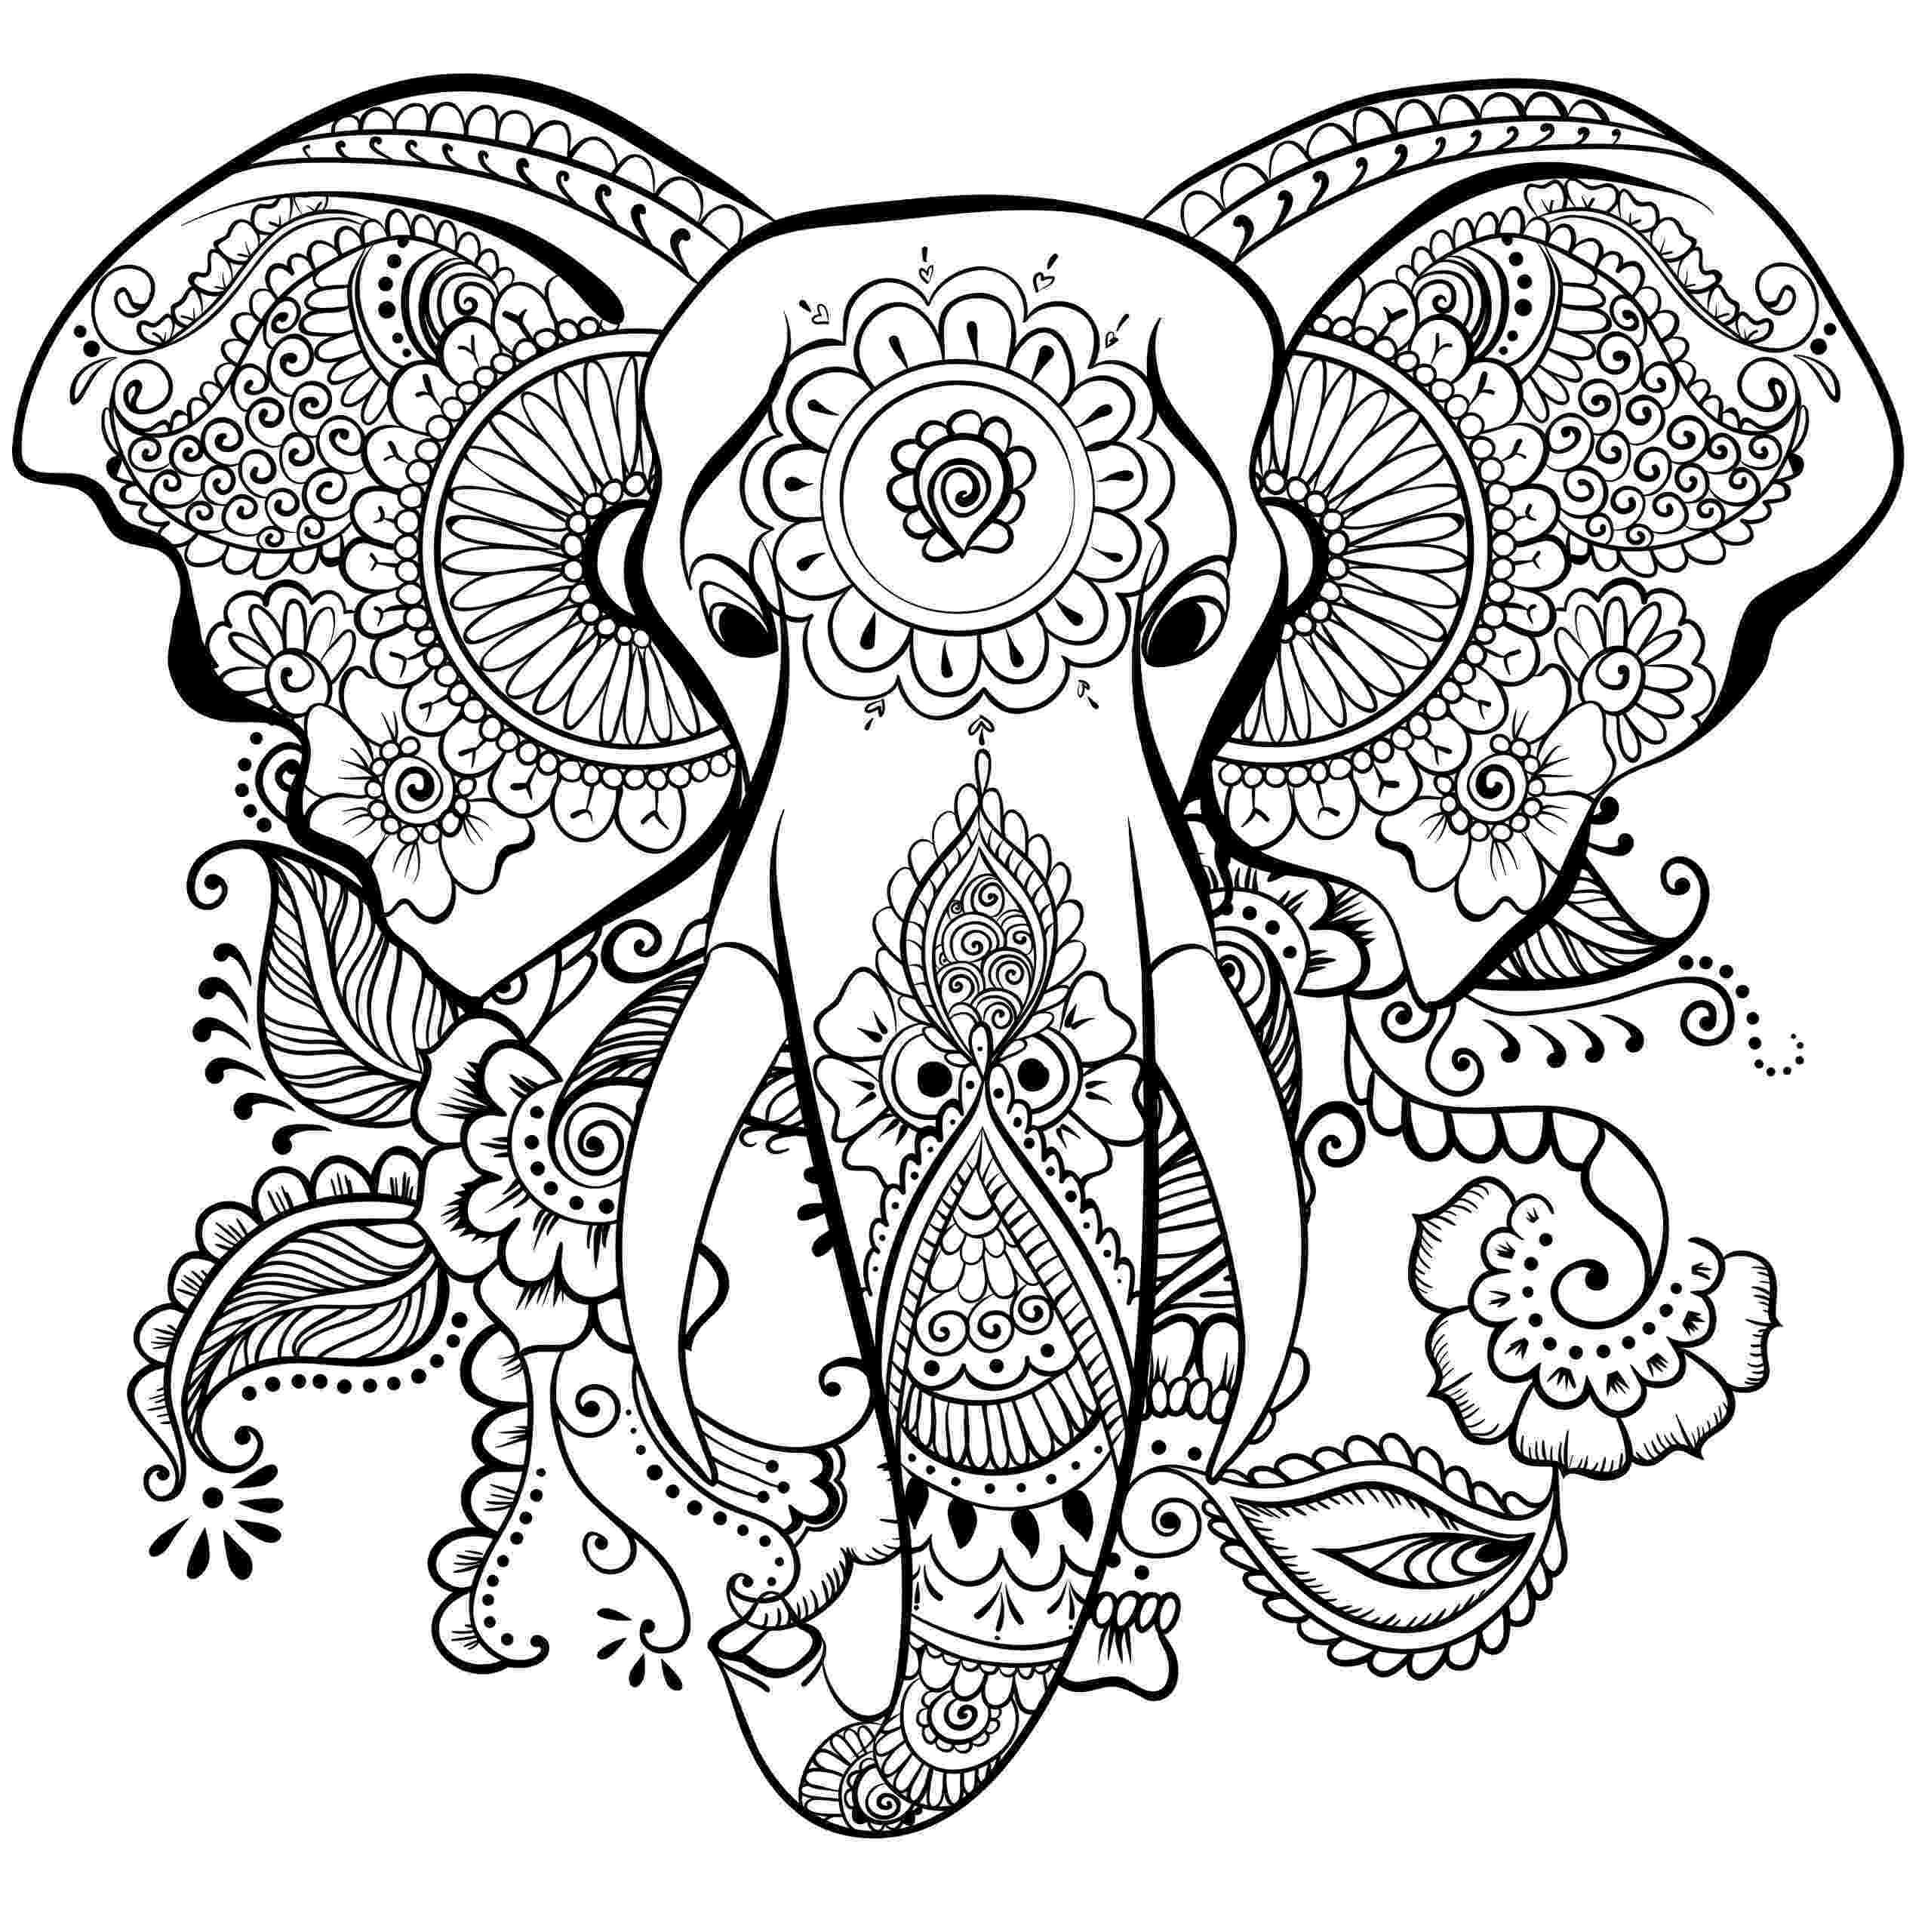 free hamsa coloring page hamsa coloring pages at getcoloringscom free printable coloring page hamsa free